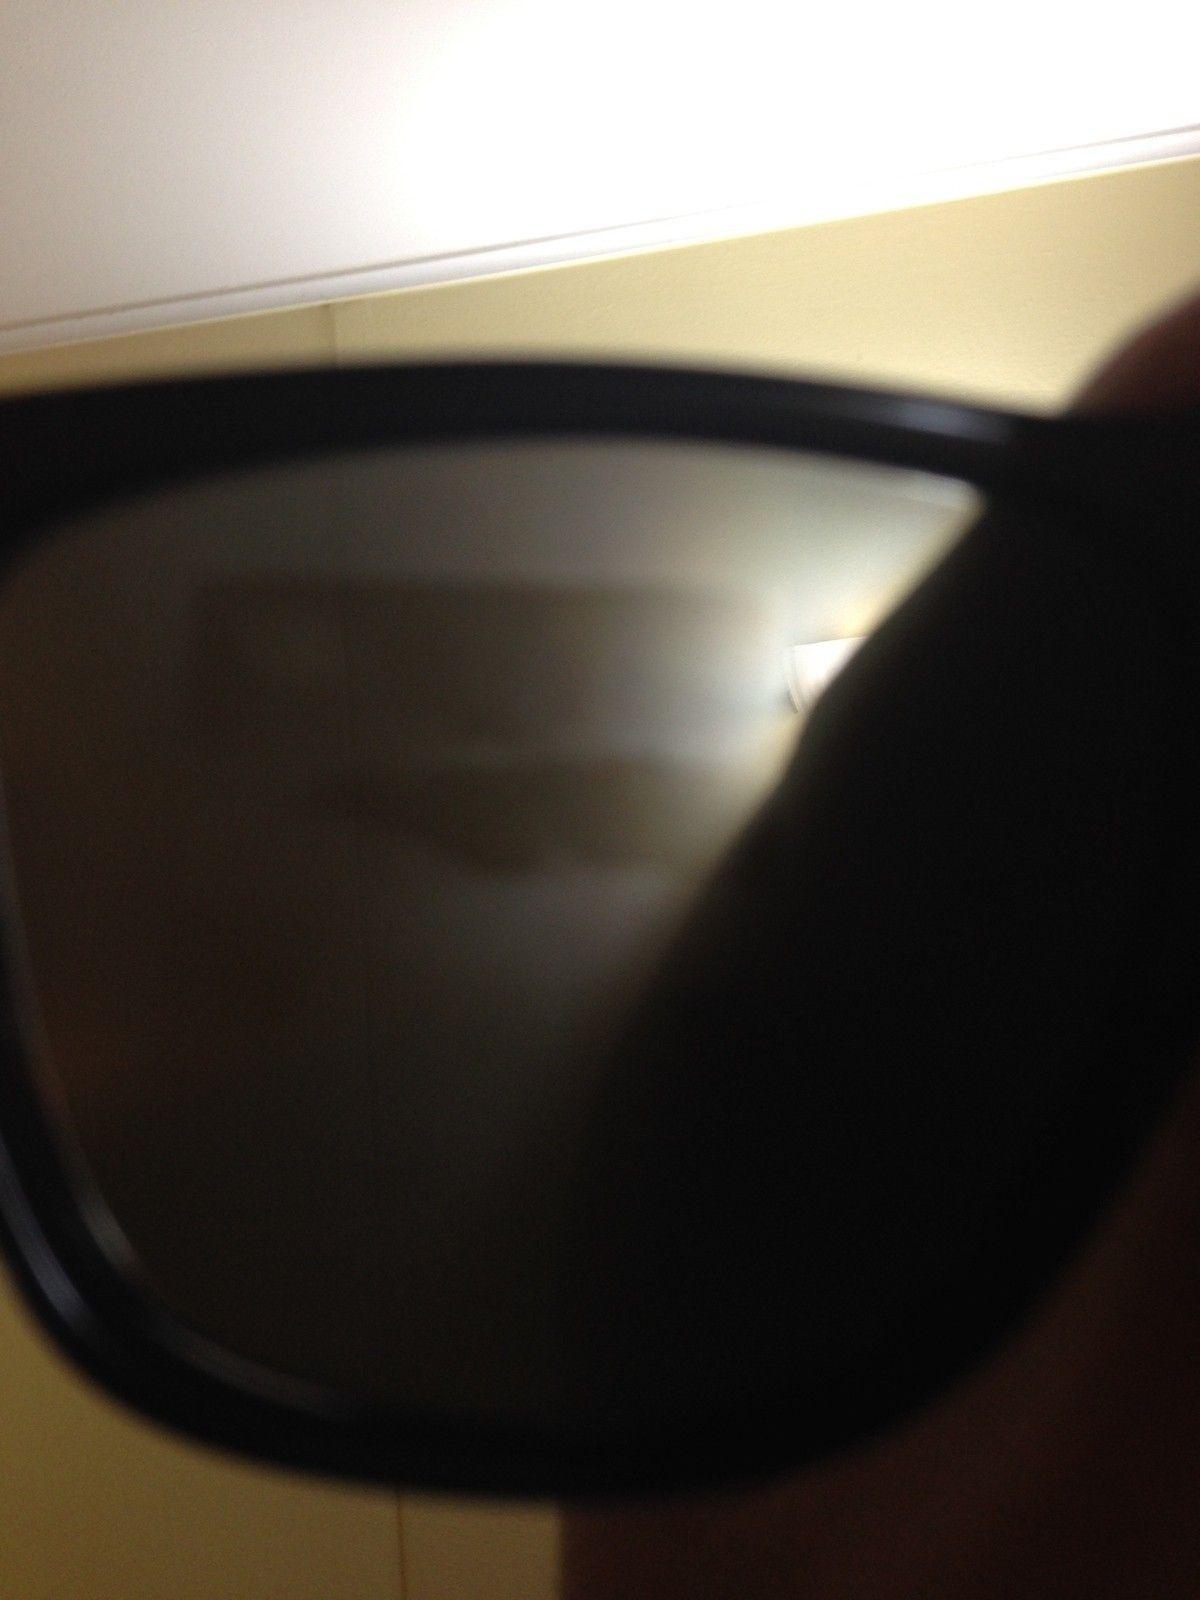 Strange Rectangular shapes on Frogskins Polarized Lenses - IMG_5130.jpg